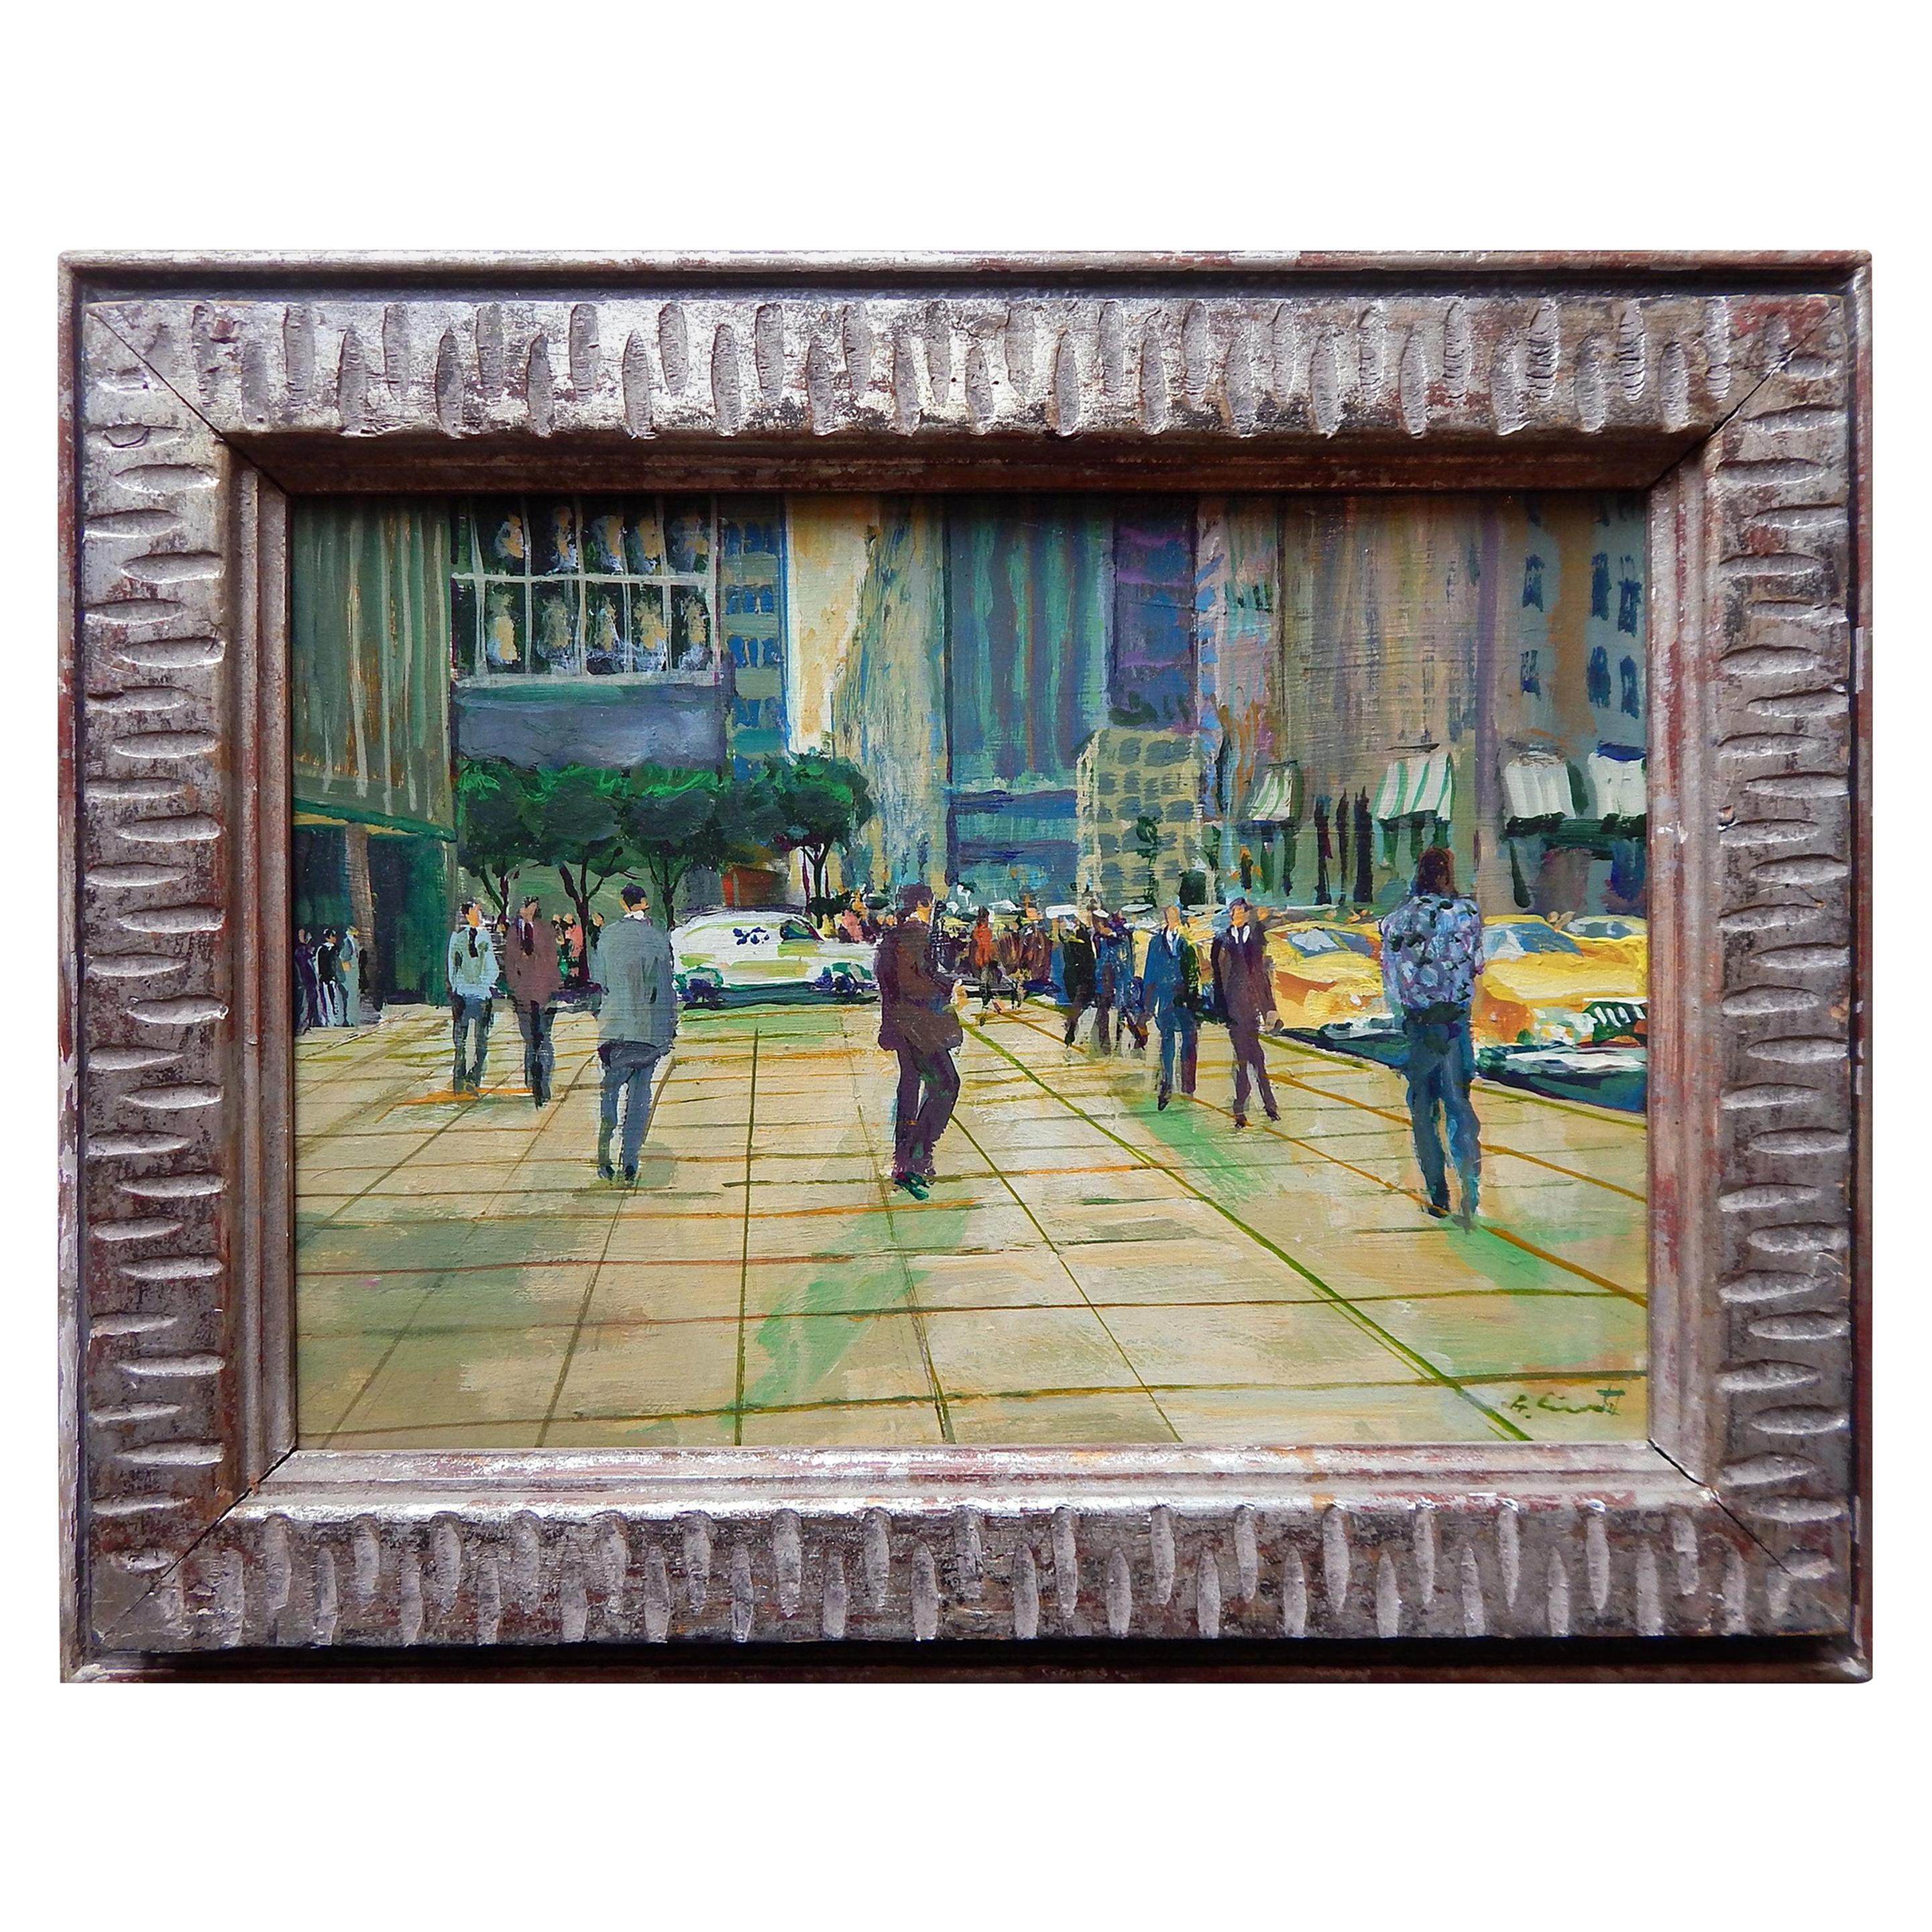 Benjamin Eisenstat, New York/Philadelphia Artist, Oil on Board, 1981